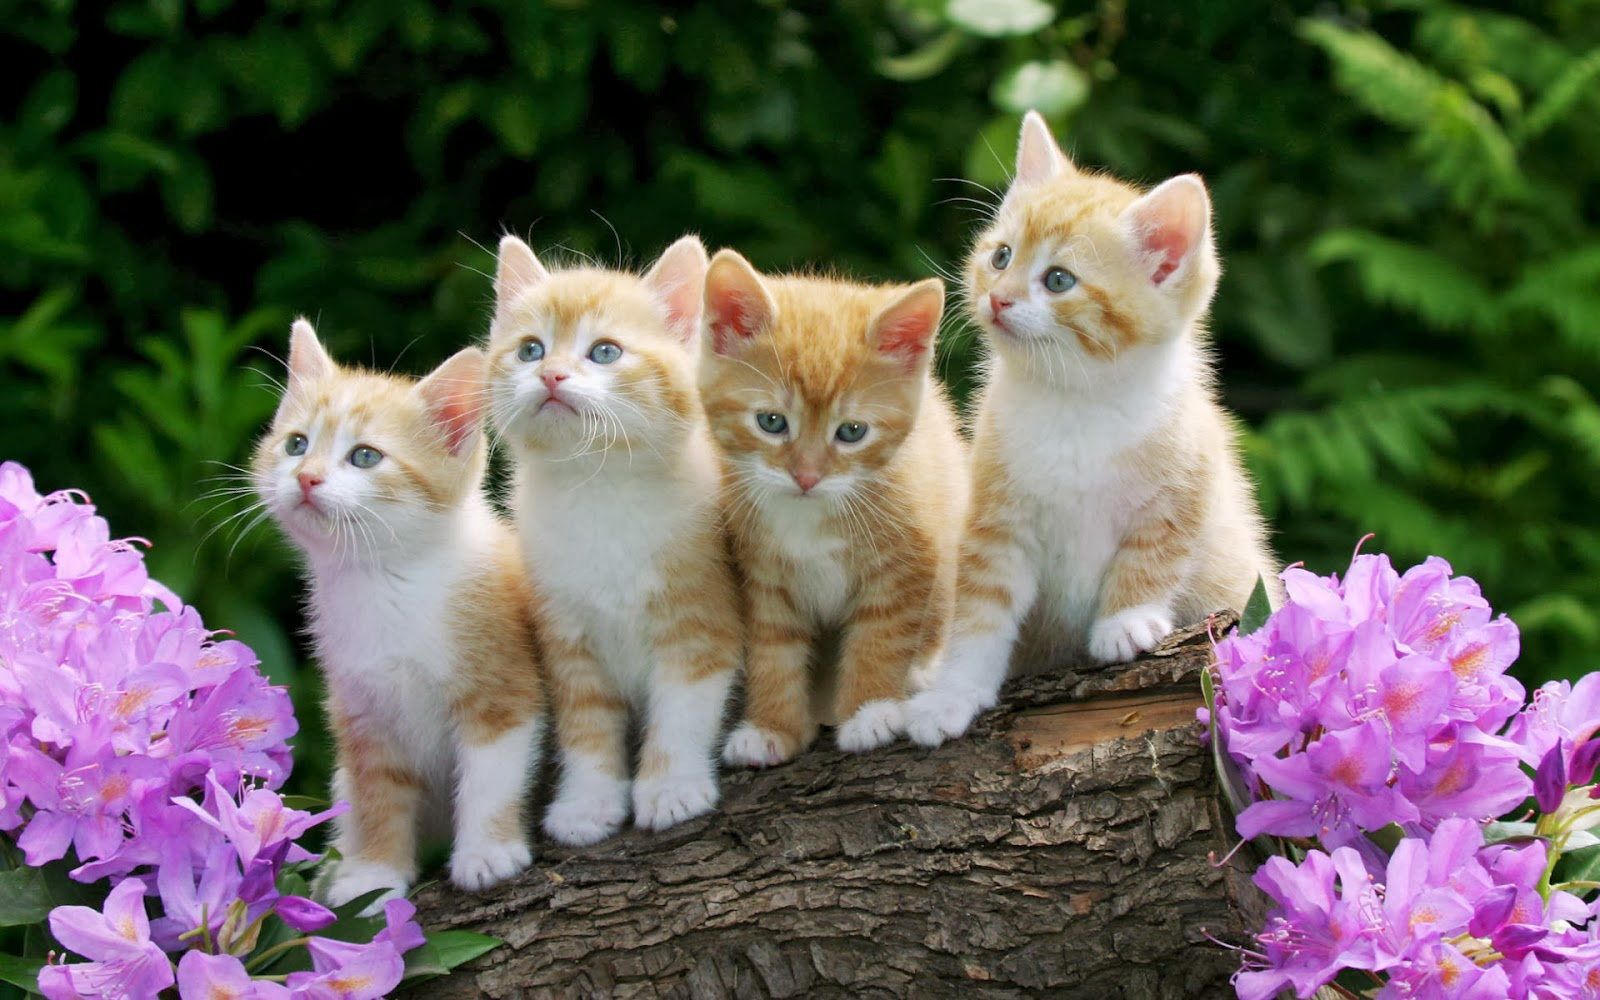 """<img src=""""http://1.bp.blogspot.com/-p2tbZNnAXqk/UukH1Yv43FI/AAAAAAAAKkU/VJdeneGeEdk/s1600/cute-kittens-wallpaper.jpg"""" alt=""""cute kittens wallpaper"""" />"""